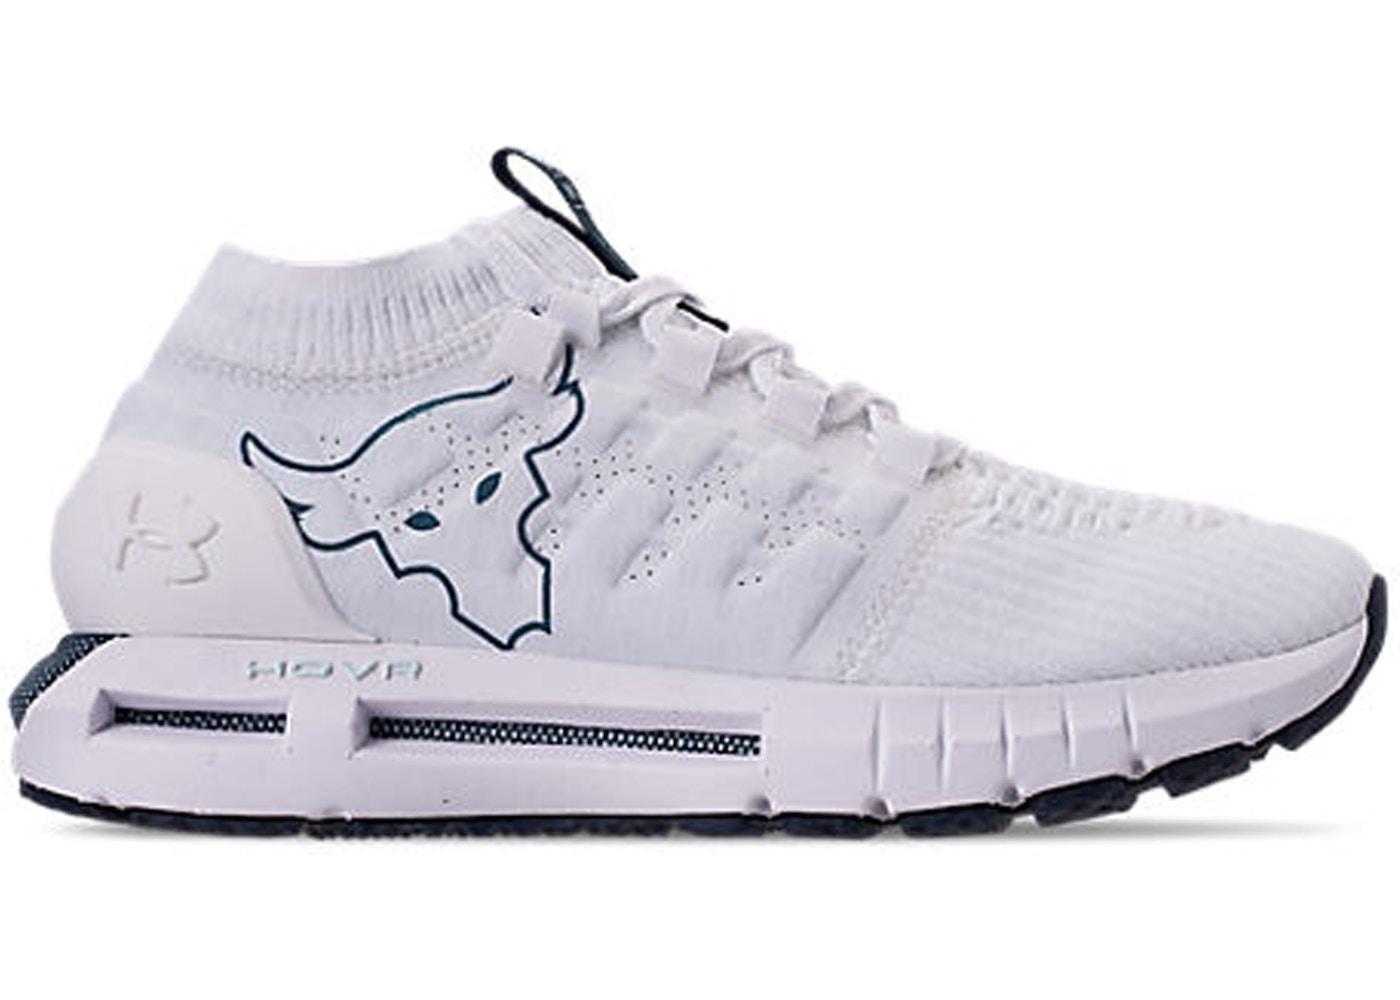 35eaad3c87 StockX: Compra e Vendi Articoli di Streetwear, Sneakers, Borse e Orologi